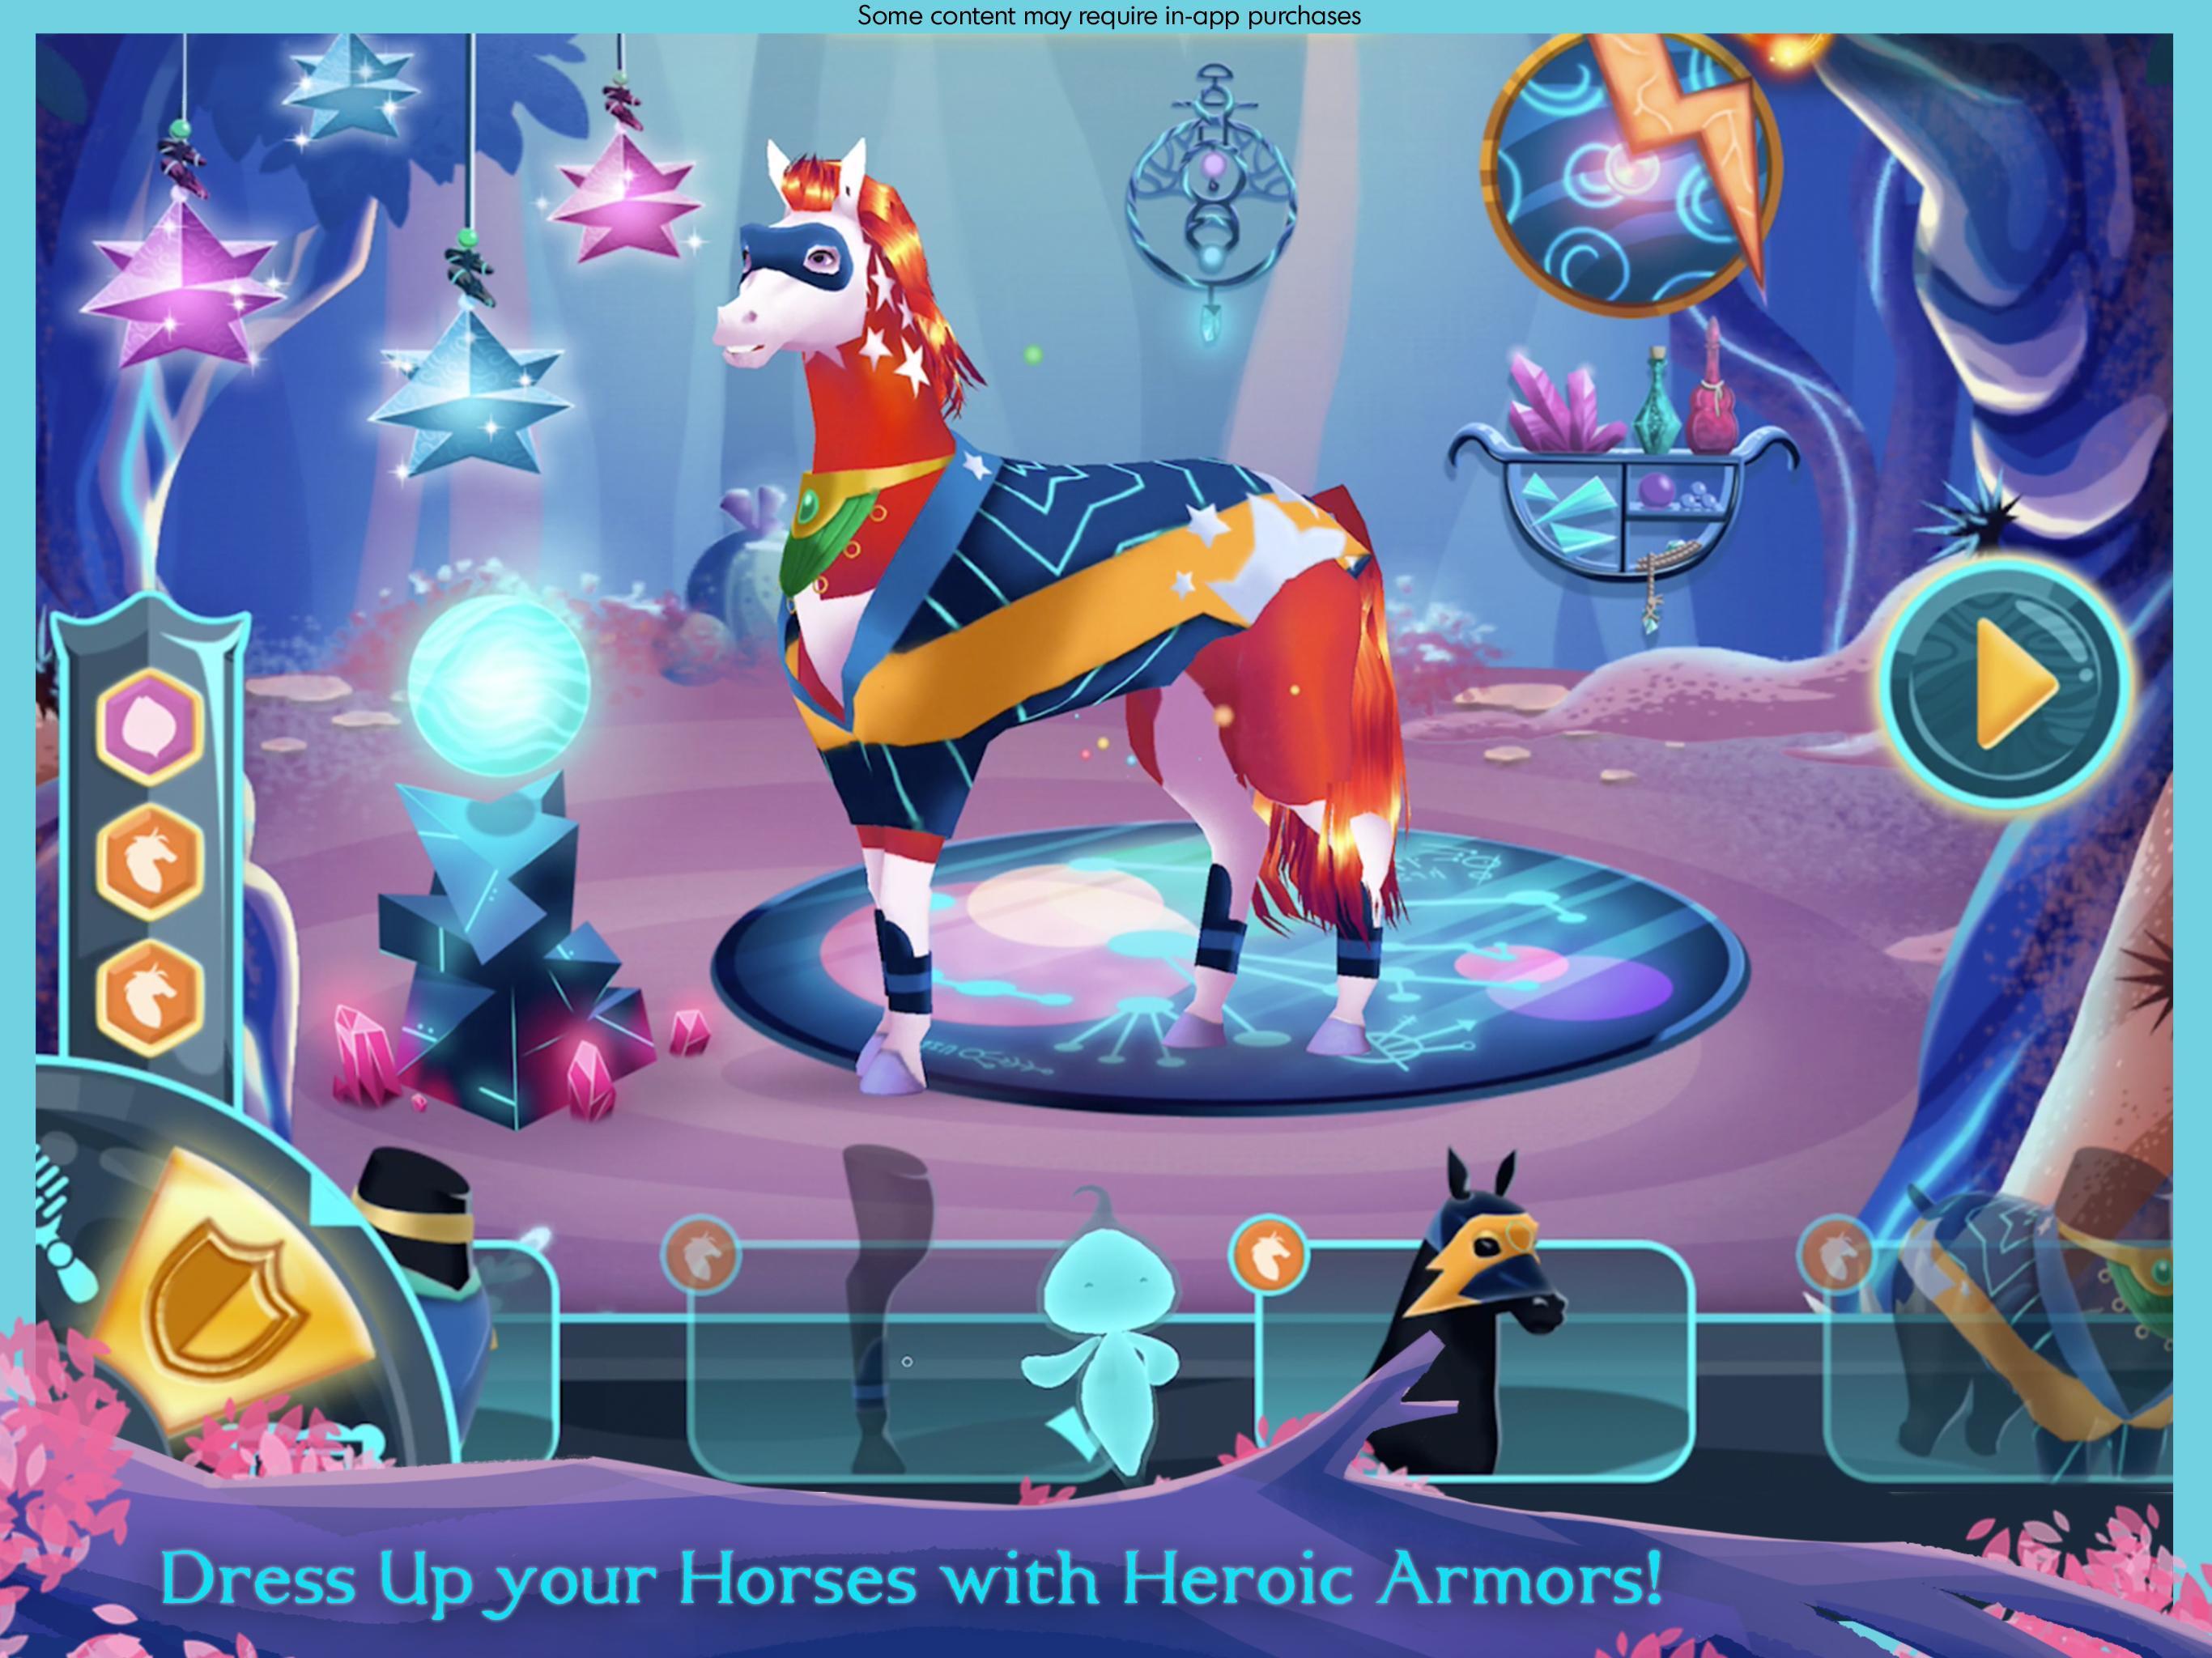 EverRun The Horse Guardians - Epic Endless Runner 2.3 Screenshot 8